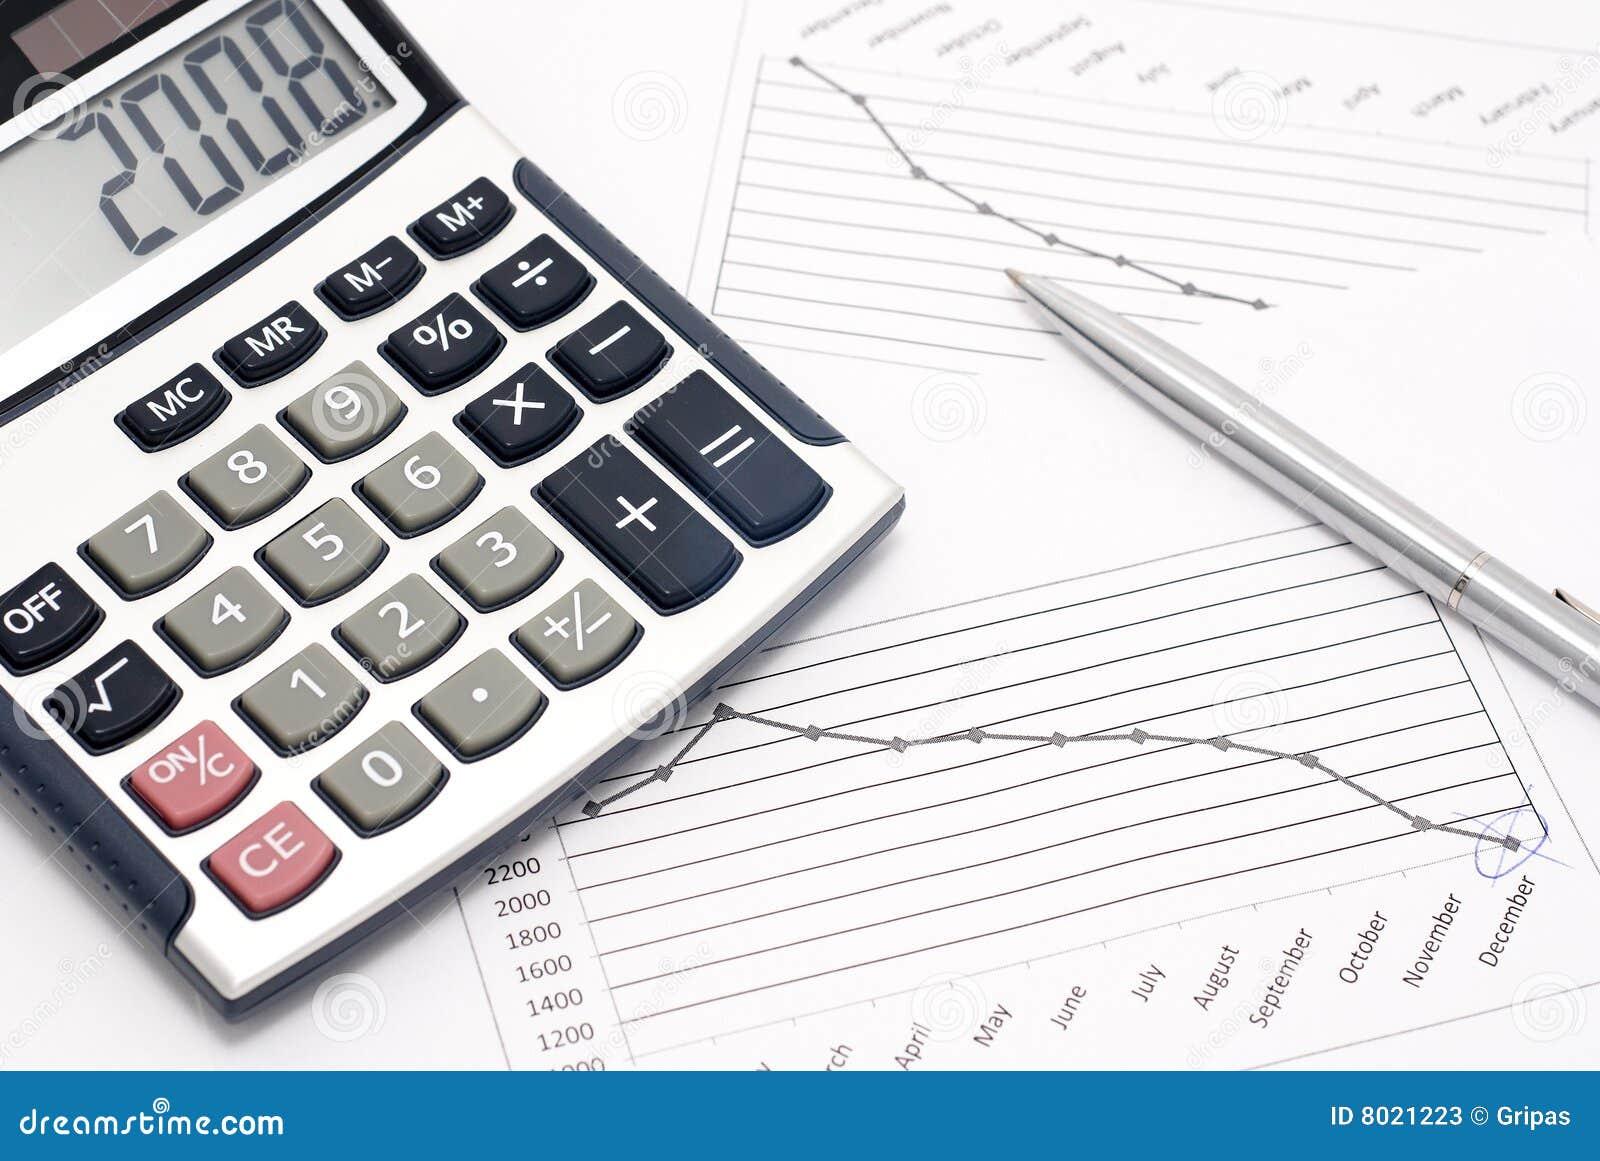 Calculator Pen And Graph Stock Photos Image 8021223